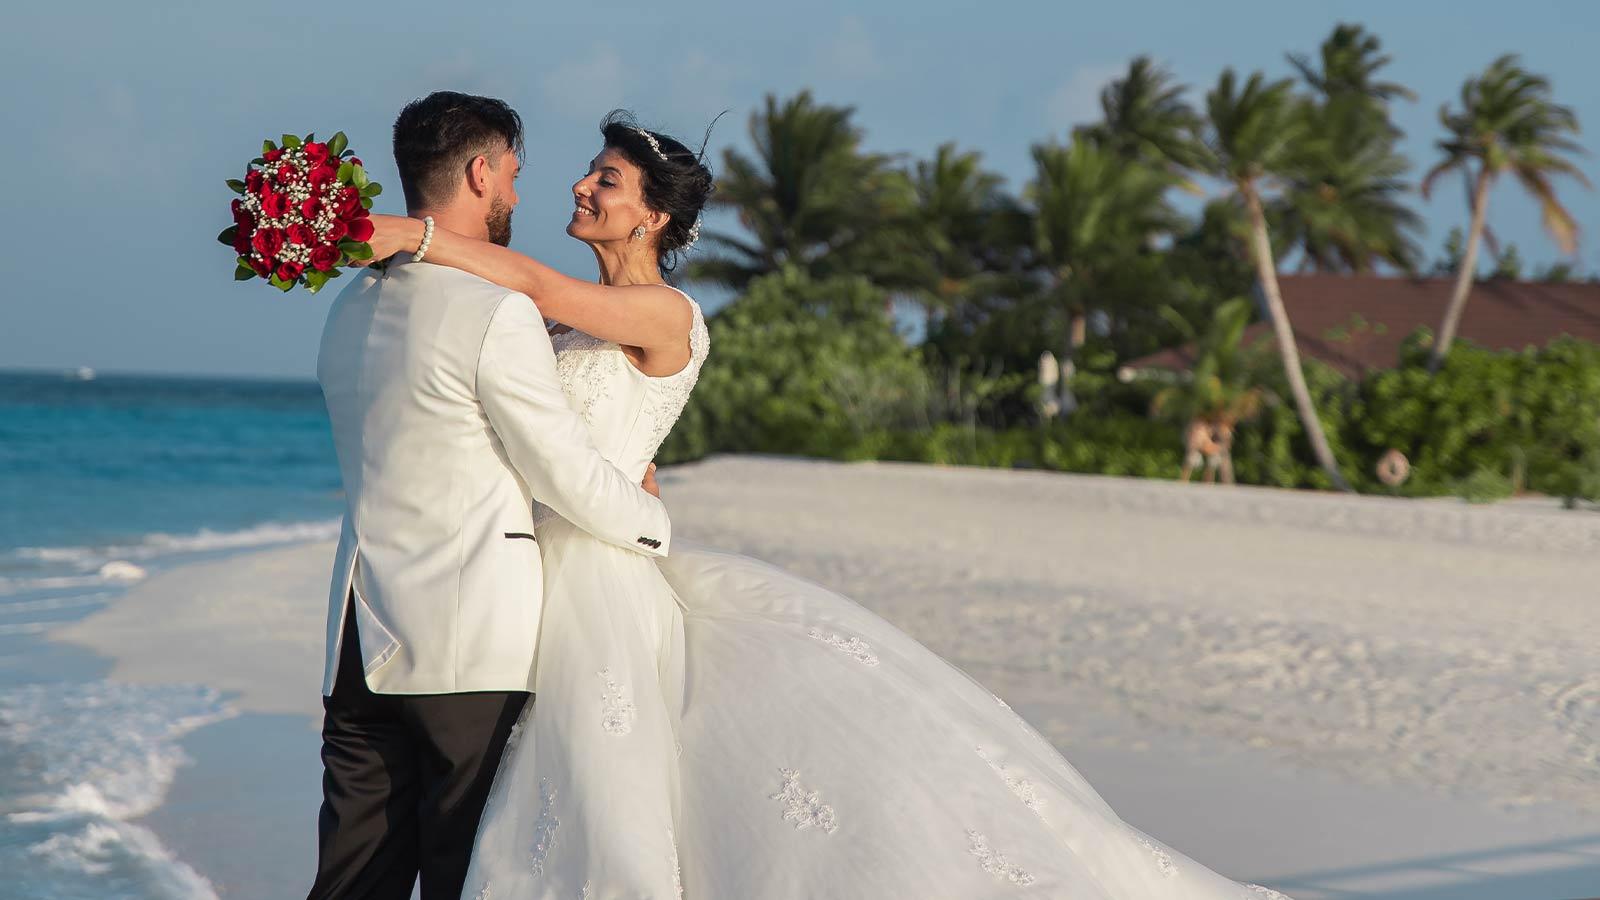 Akt małżeństwa, ślub za granicą